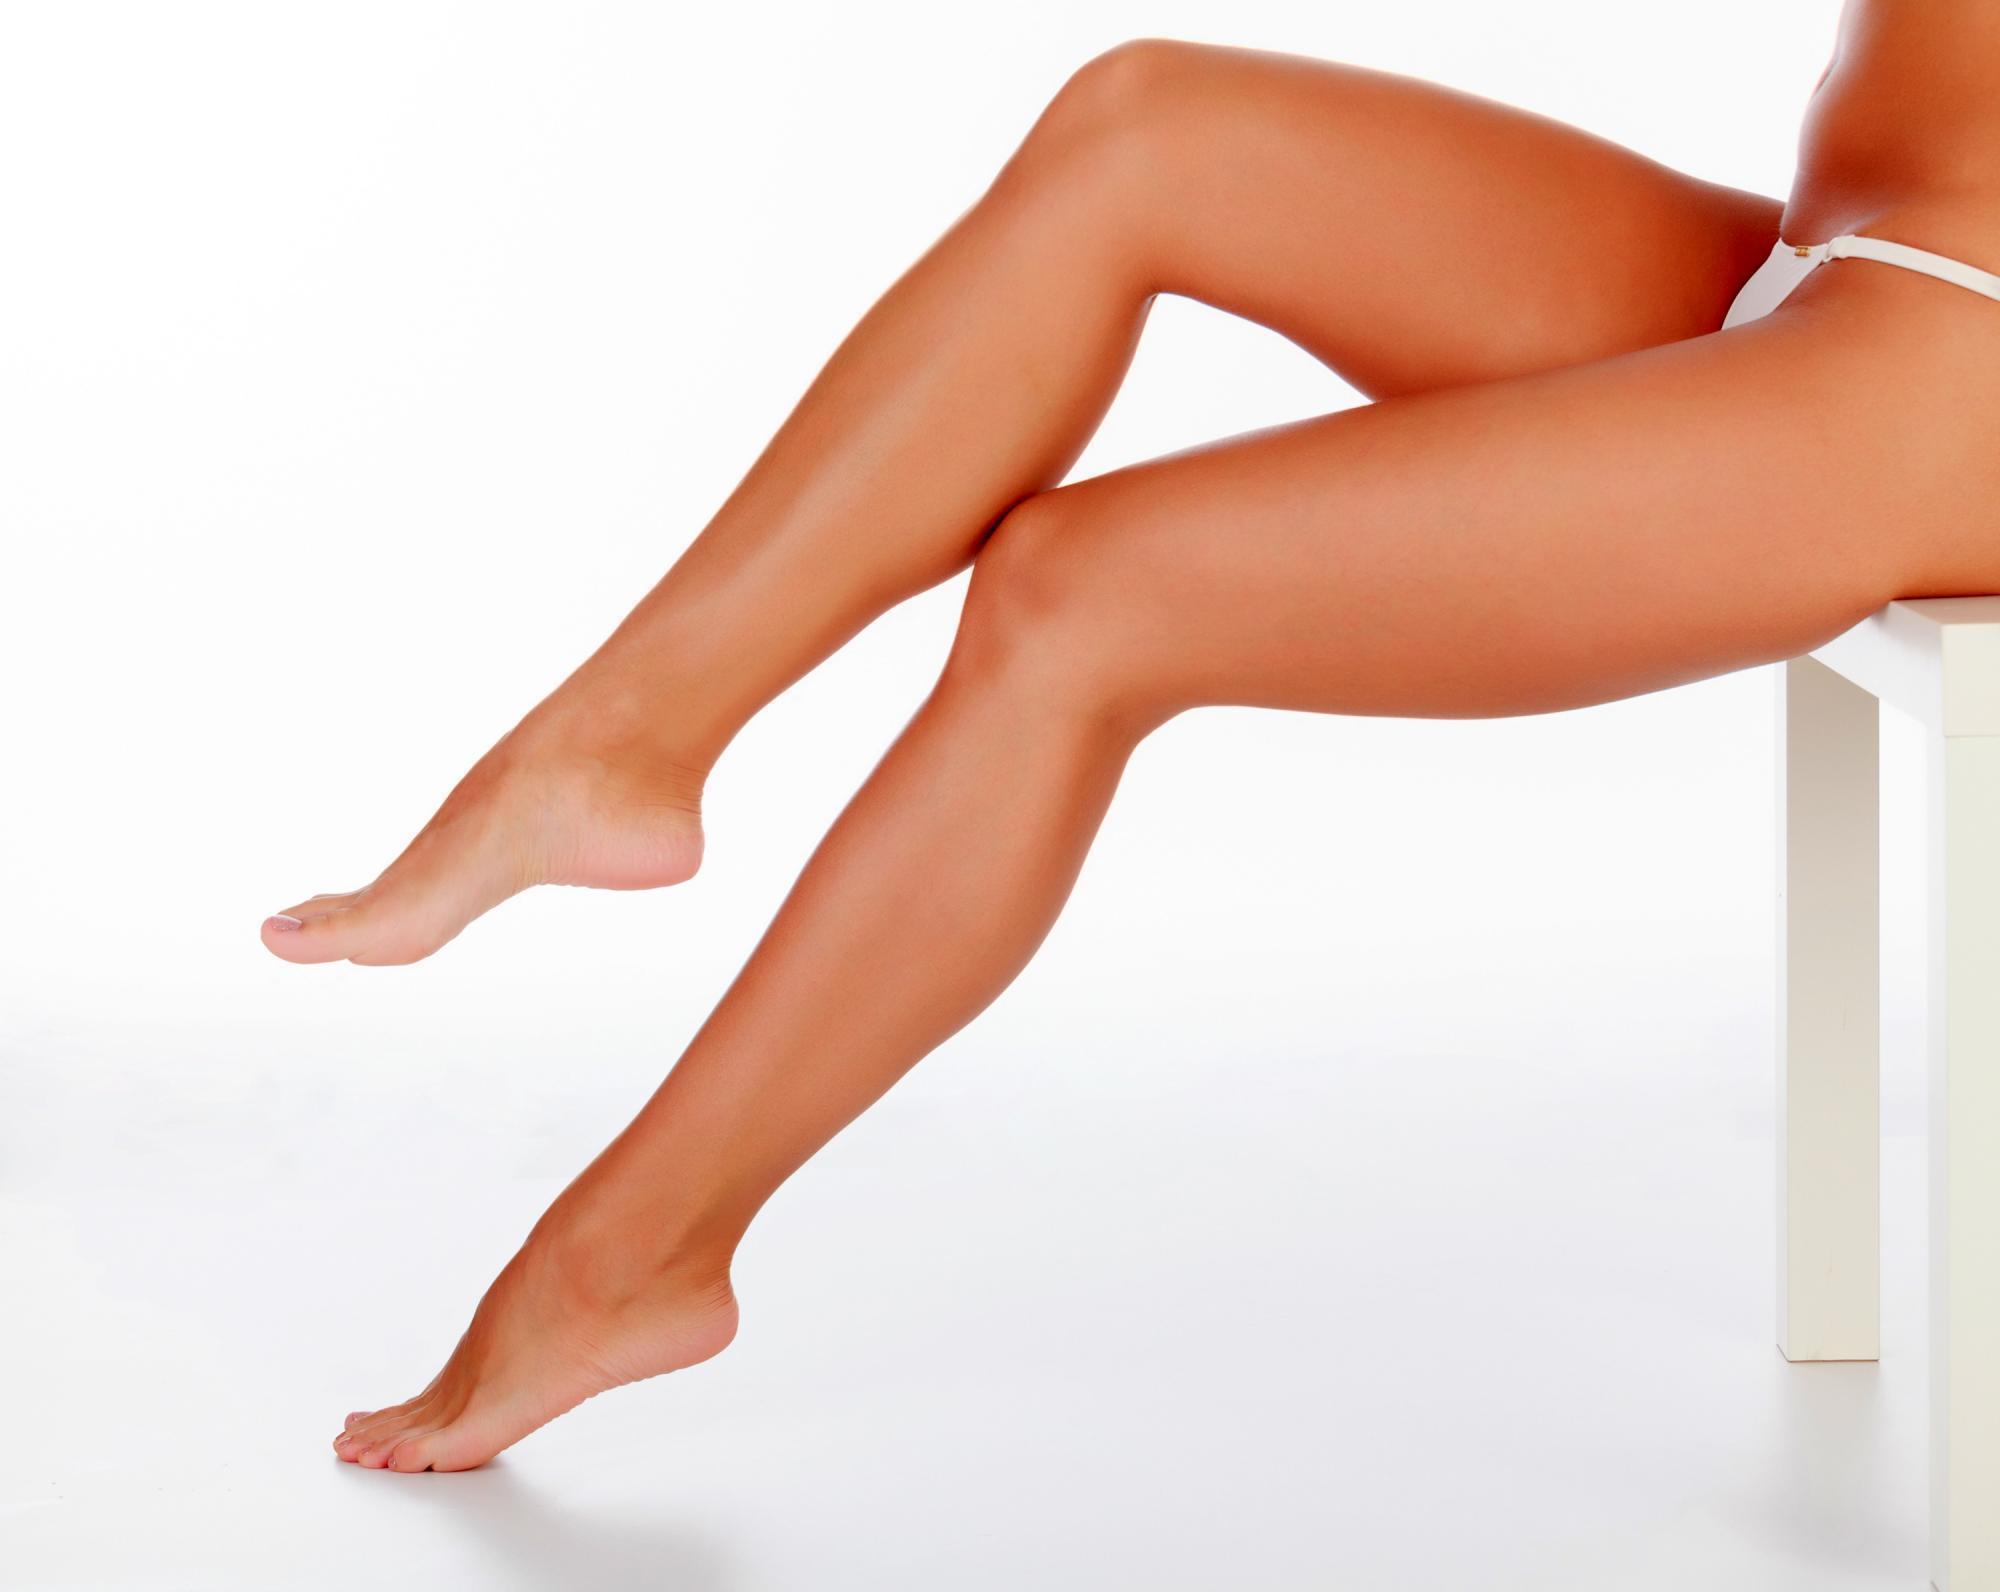 Cuisses, mollets : 5 exercices pour de jolies jambes musclées